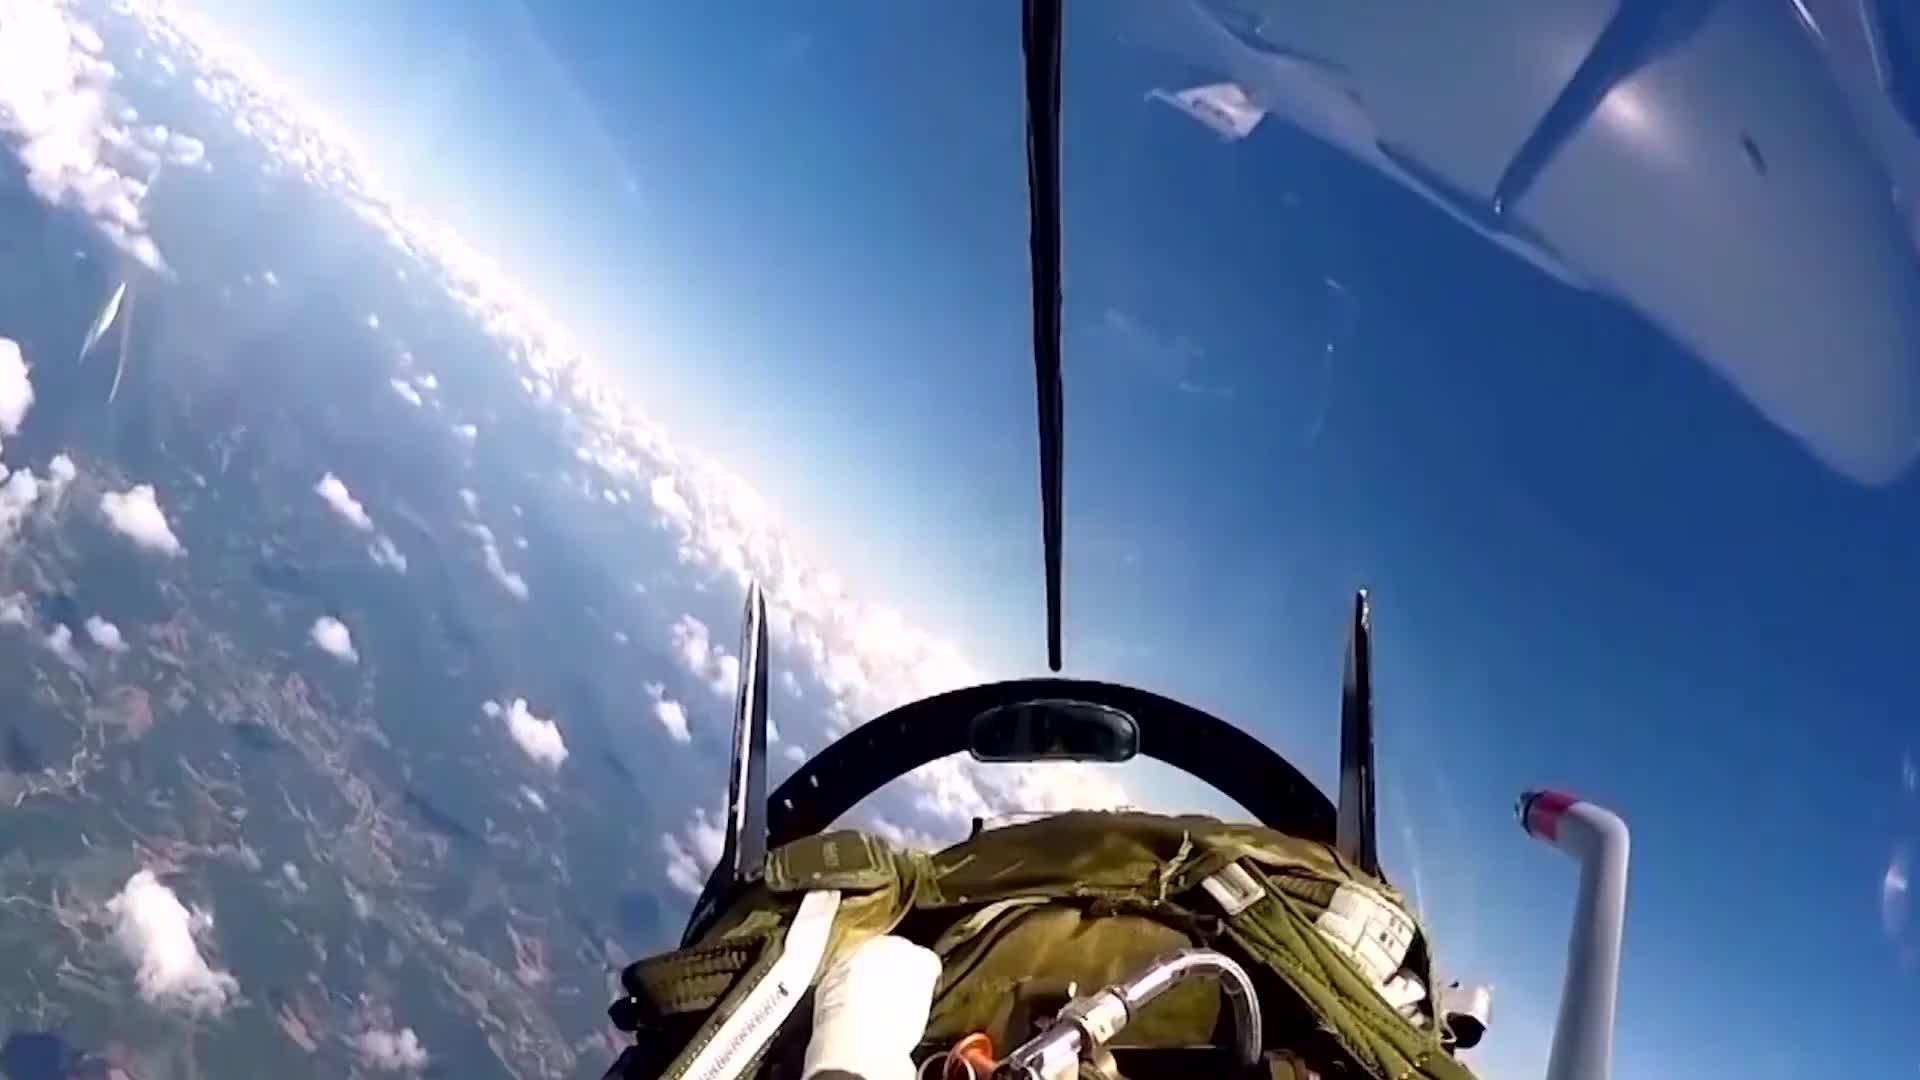 屏住呼吸的震撼:歼-10超低空山谷飞行镜头曝光